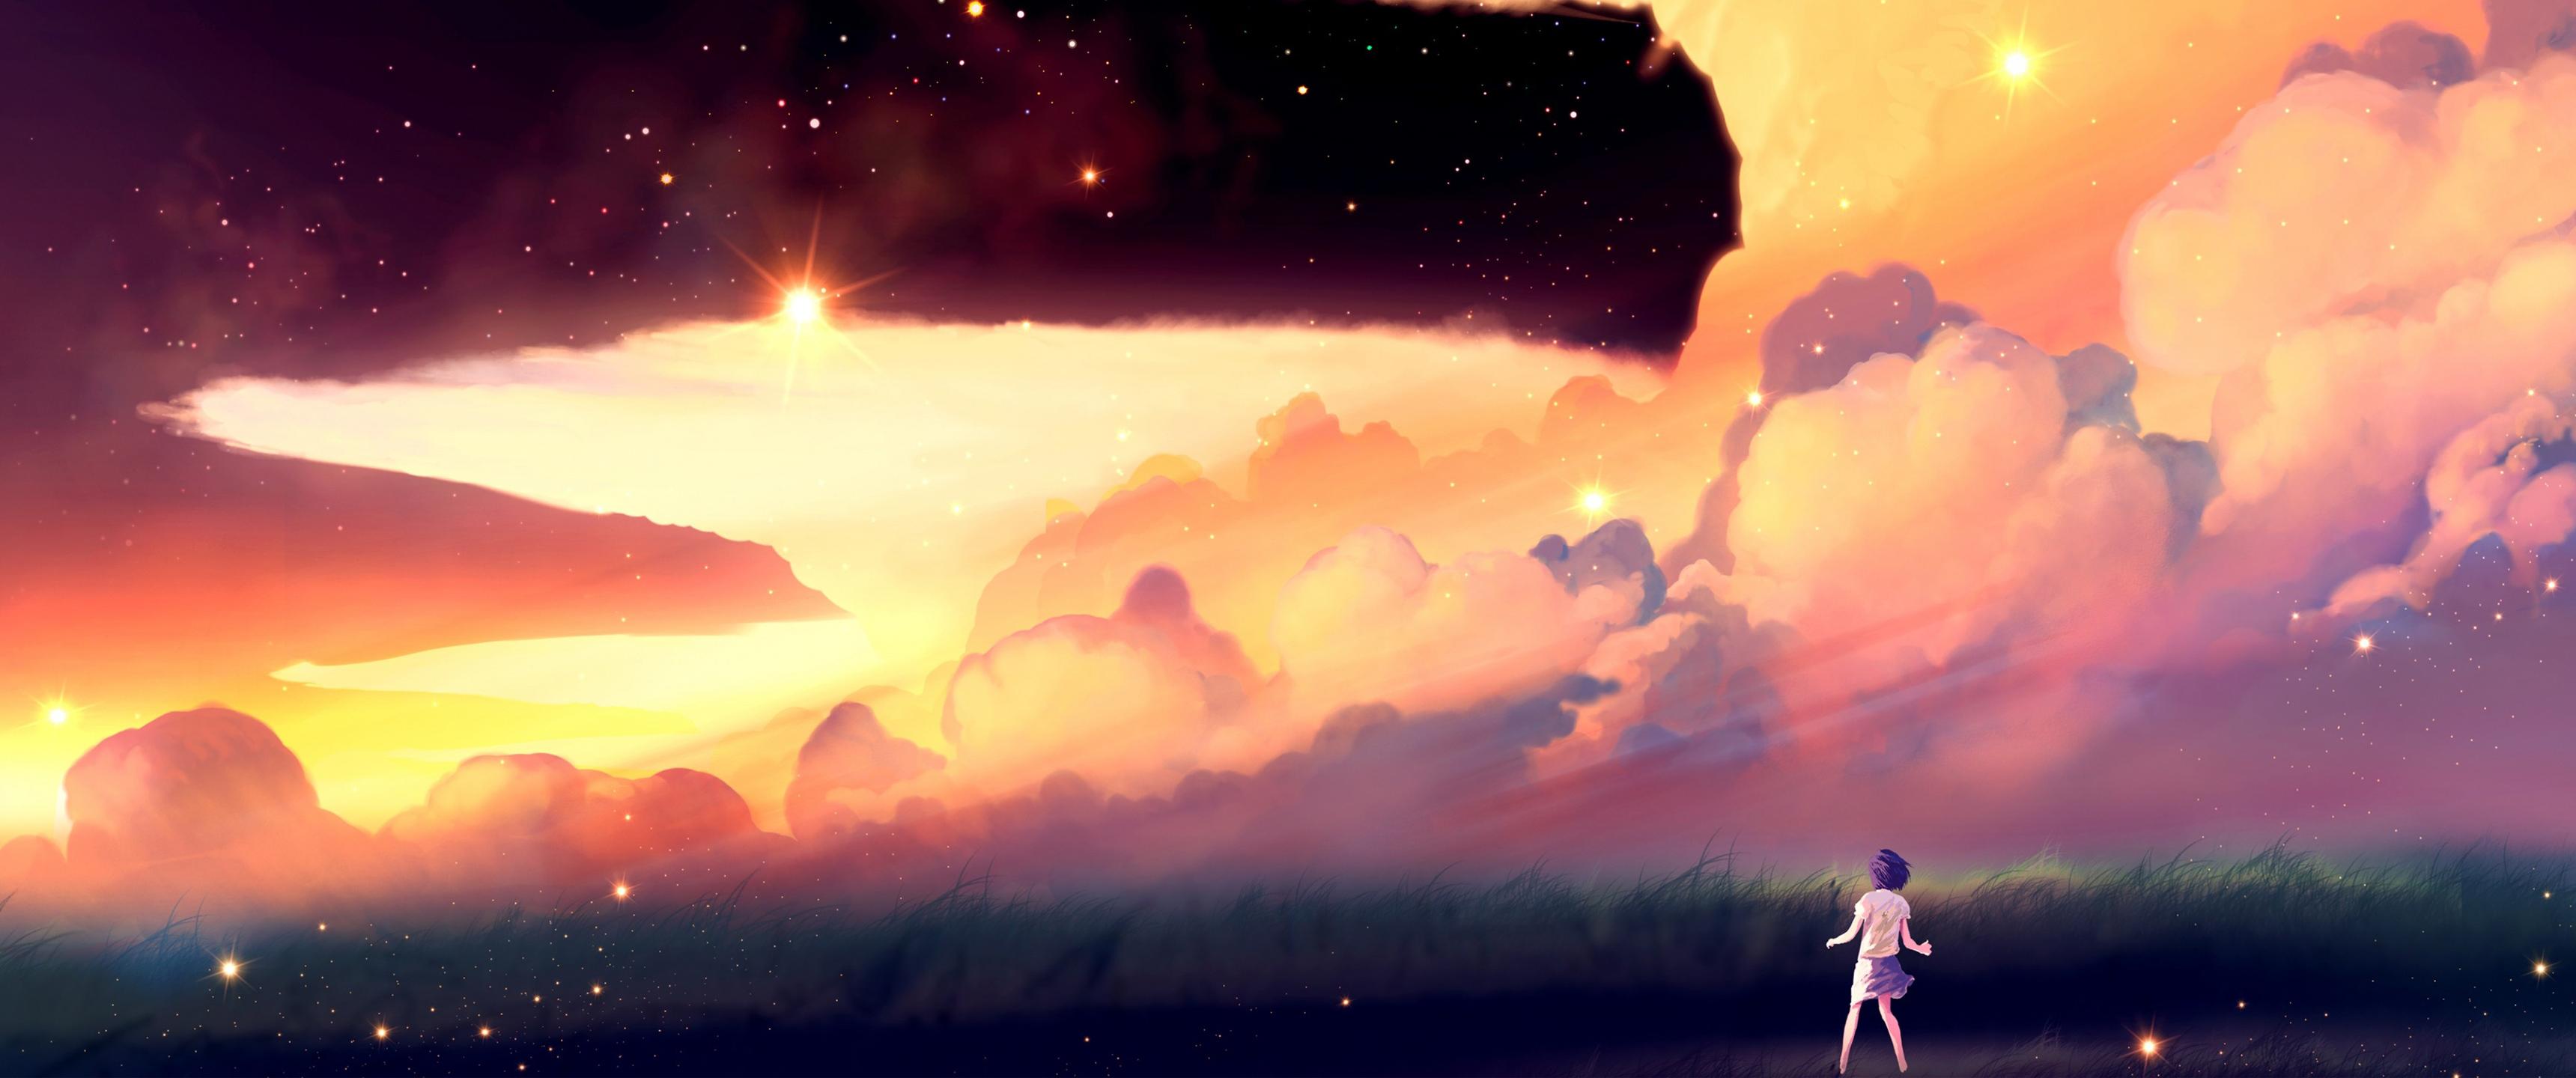 Anime Child Fantasy Art 4k Hd Anime 4k Wallpapers Images